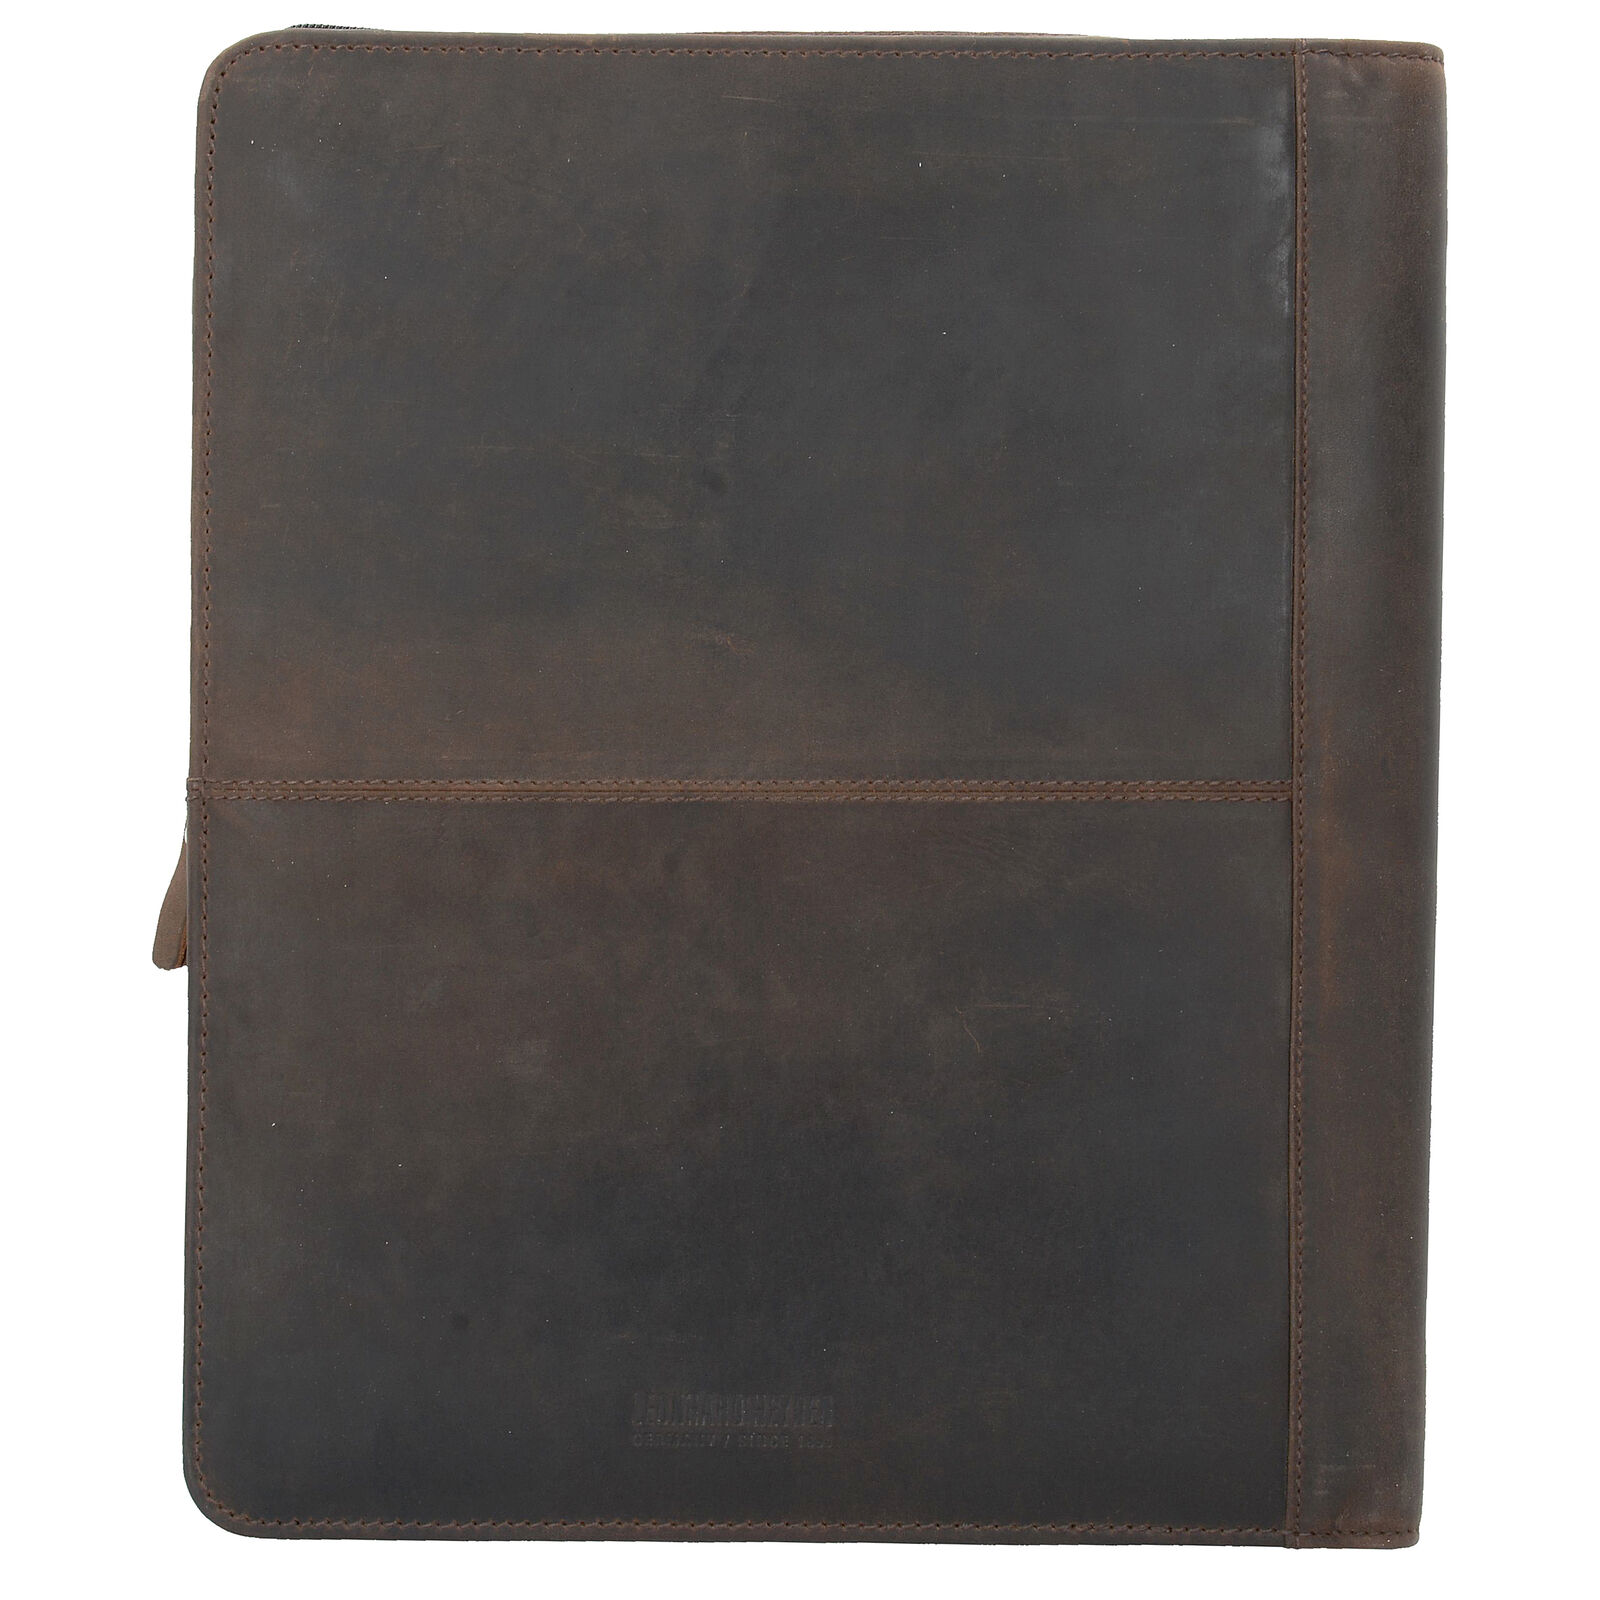 Leonhard Heyden Salisbury Schreibmappe Aktenmappe Leder 34 cm (braun) | Elegante und robuste Verpackung  | Lebhaft und liebenswert  | Am wirtschaftlichsten